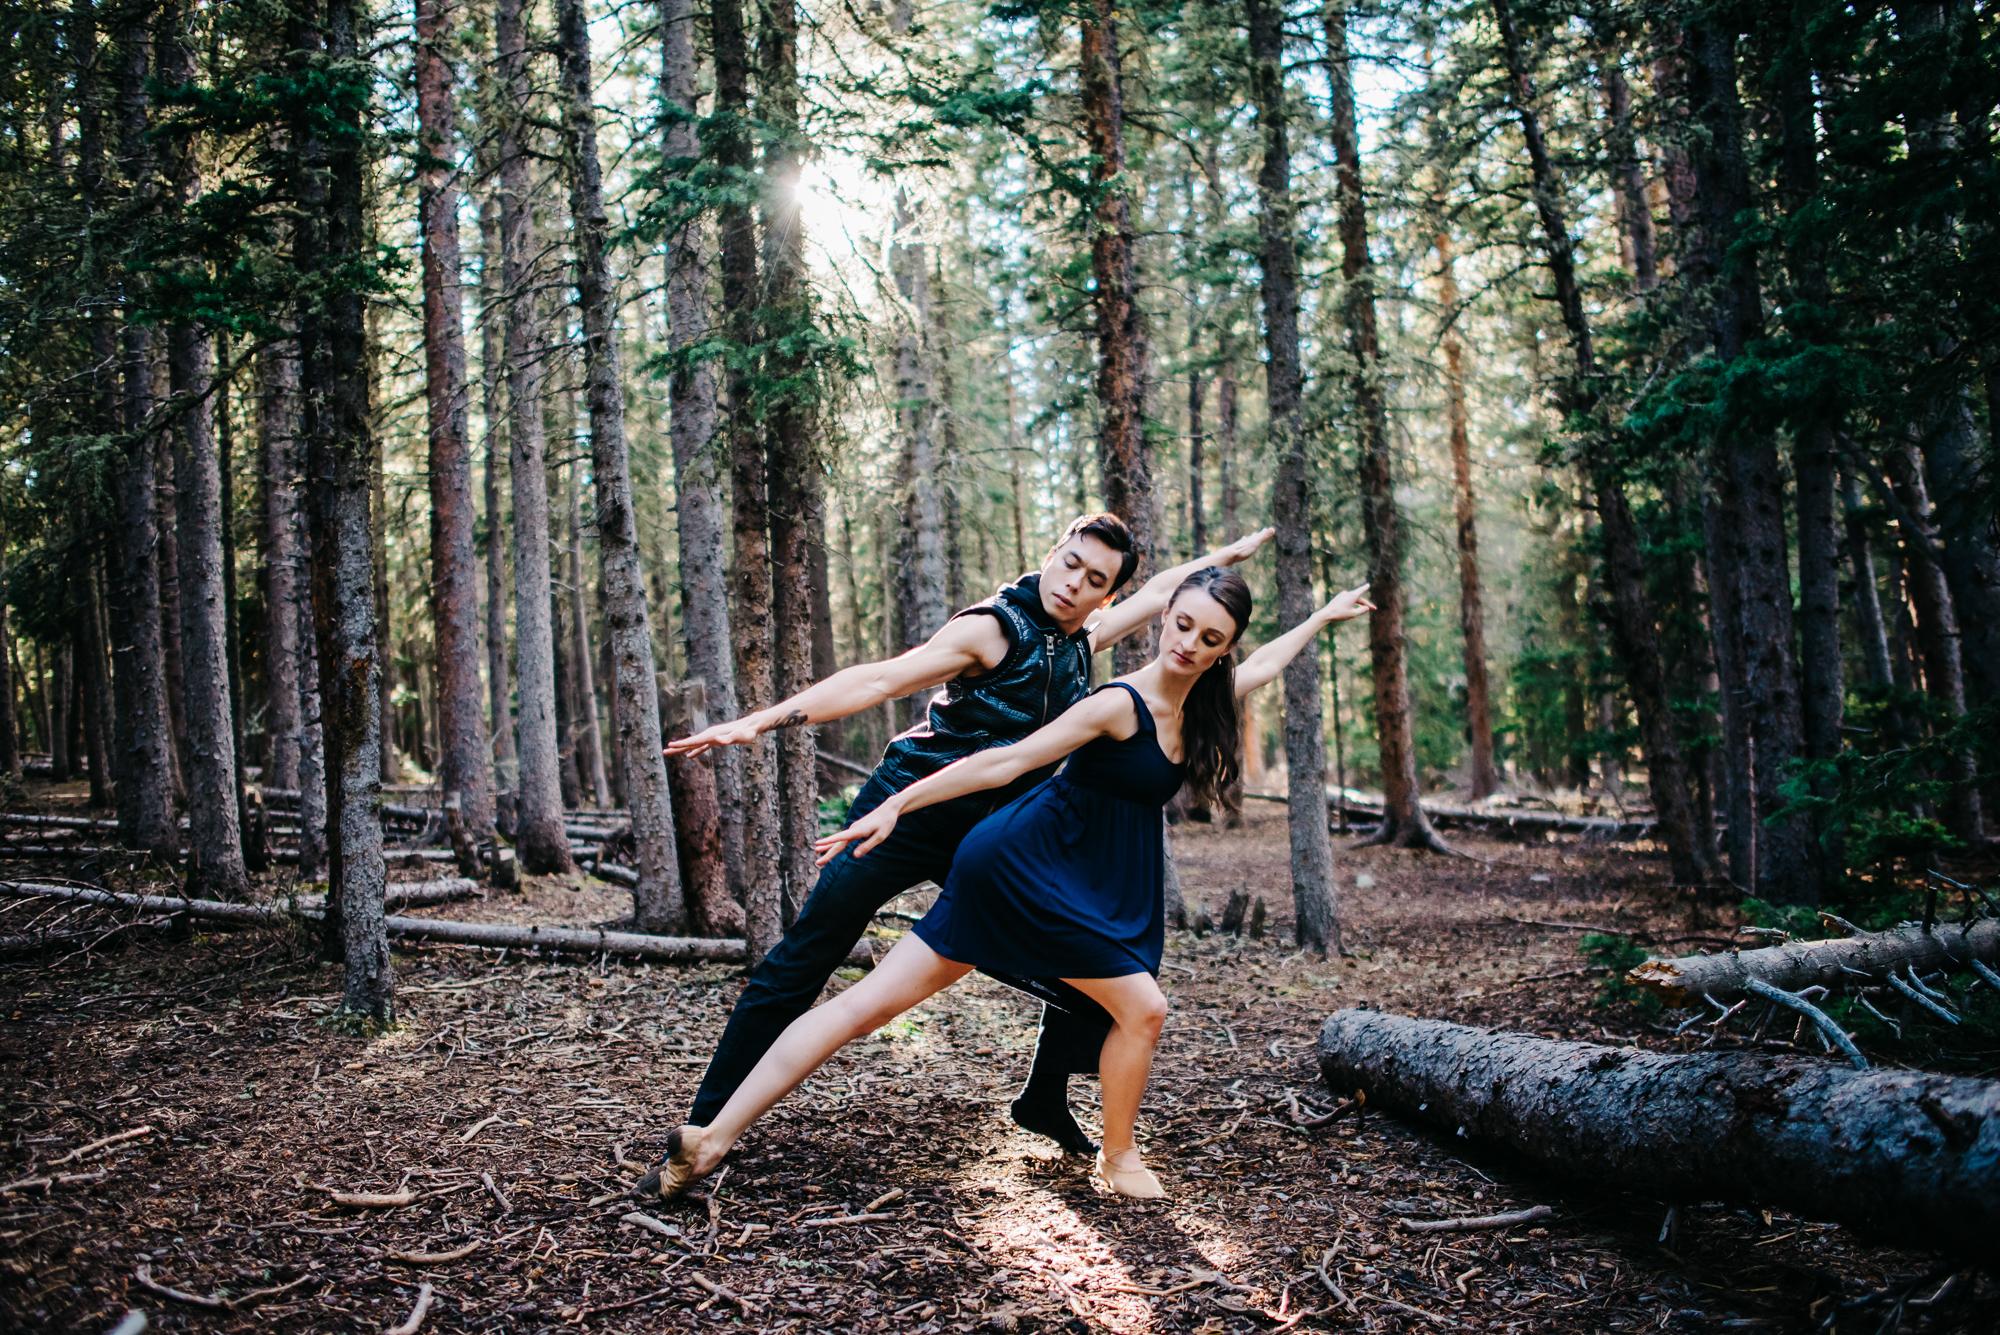 33-colorado-ballet-photographer-colorado-yoga-photographer-colorado-dance-photographer-denver-dance-photographer-denver-yoga-photographer-traveling-dance-photographerballet-photograph-pas-de-deux-kevin&sara-300.jpg